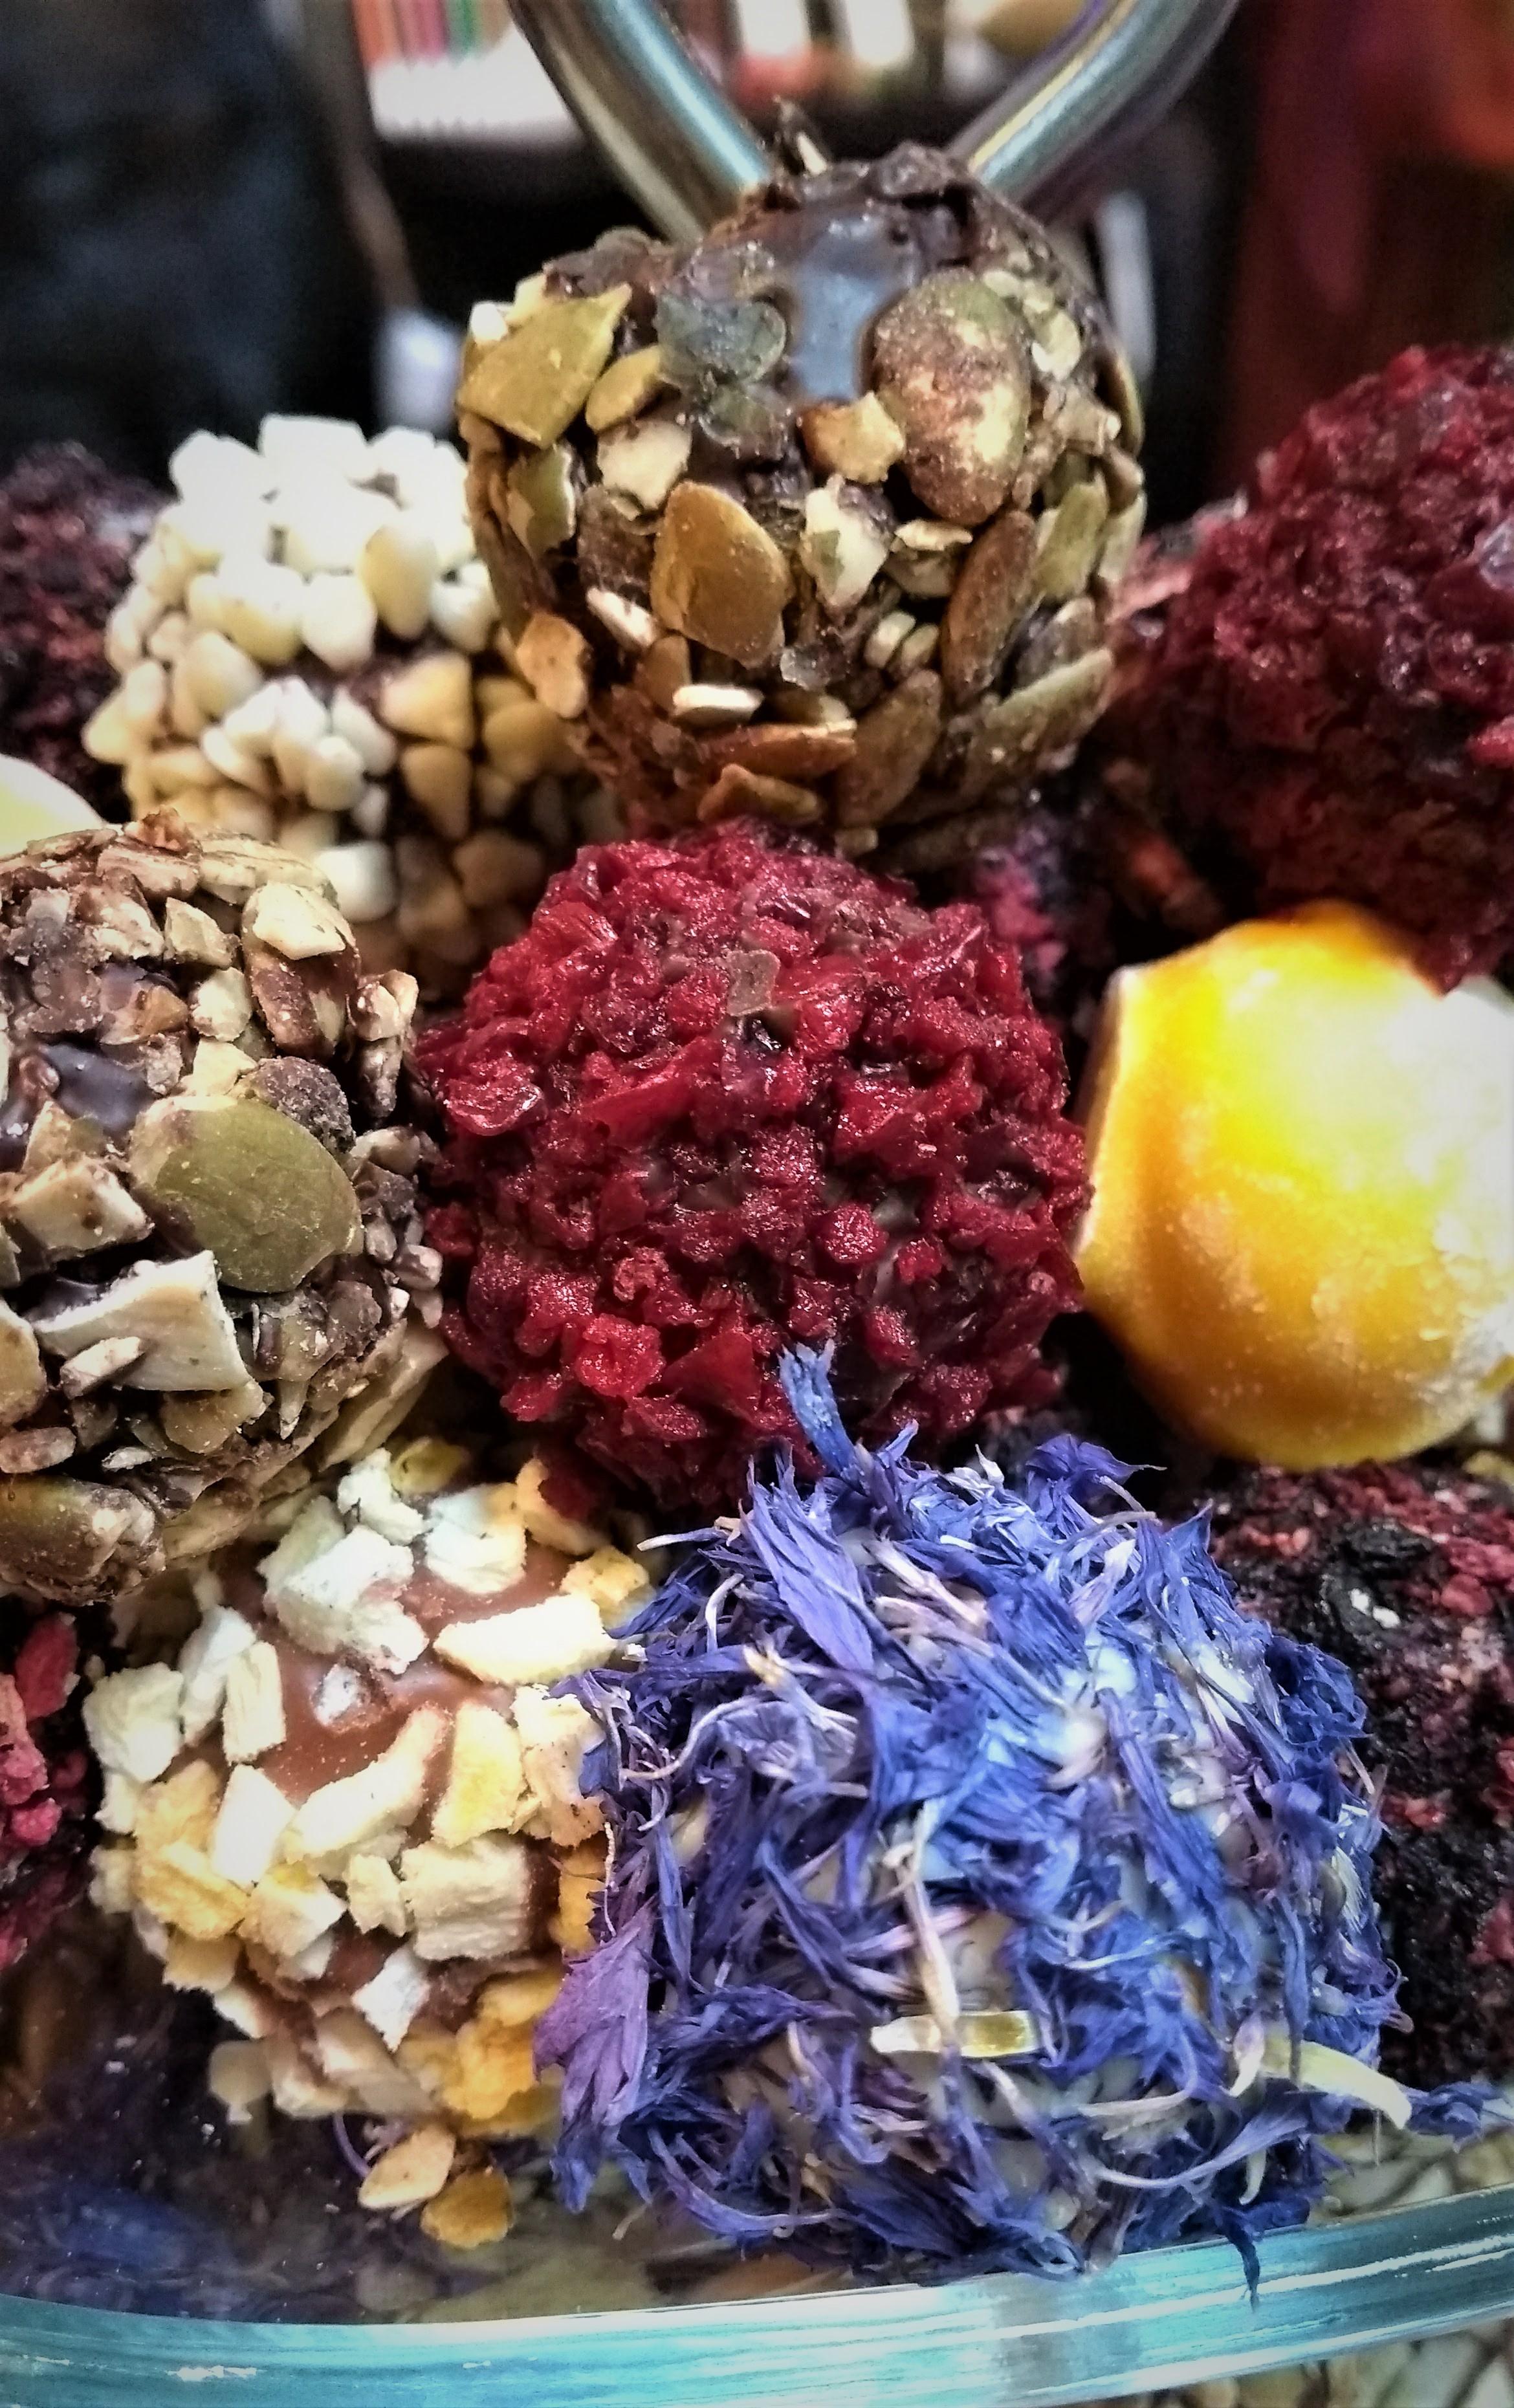 Vakbeurs Foodspecialiteiten – what's new op chocoladegebied?